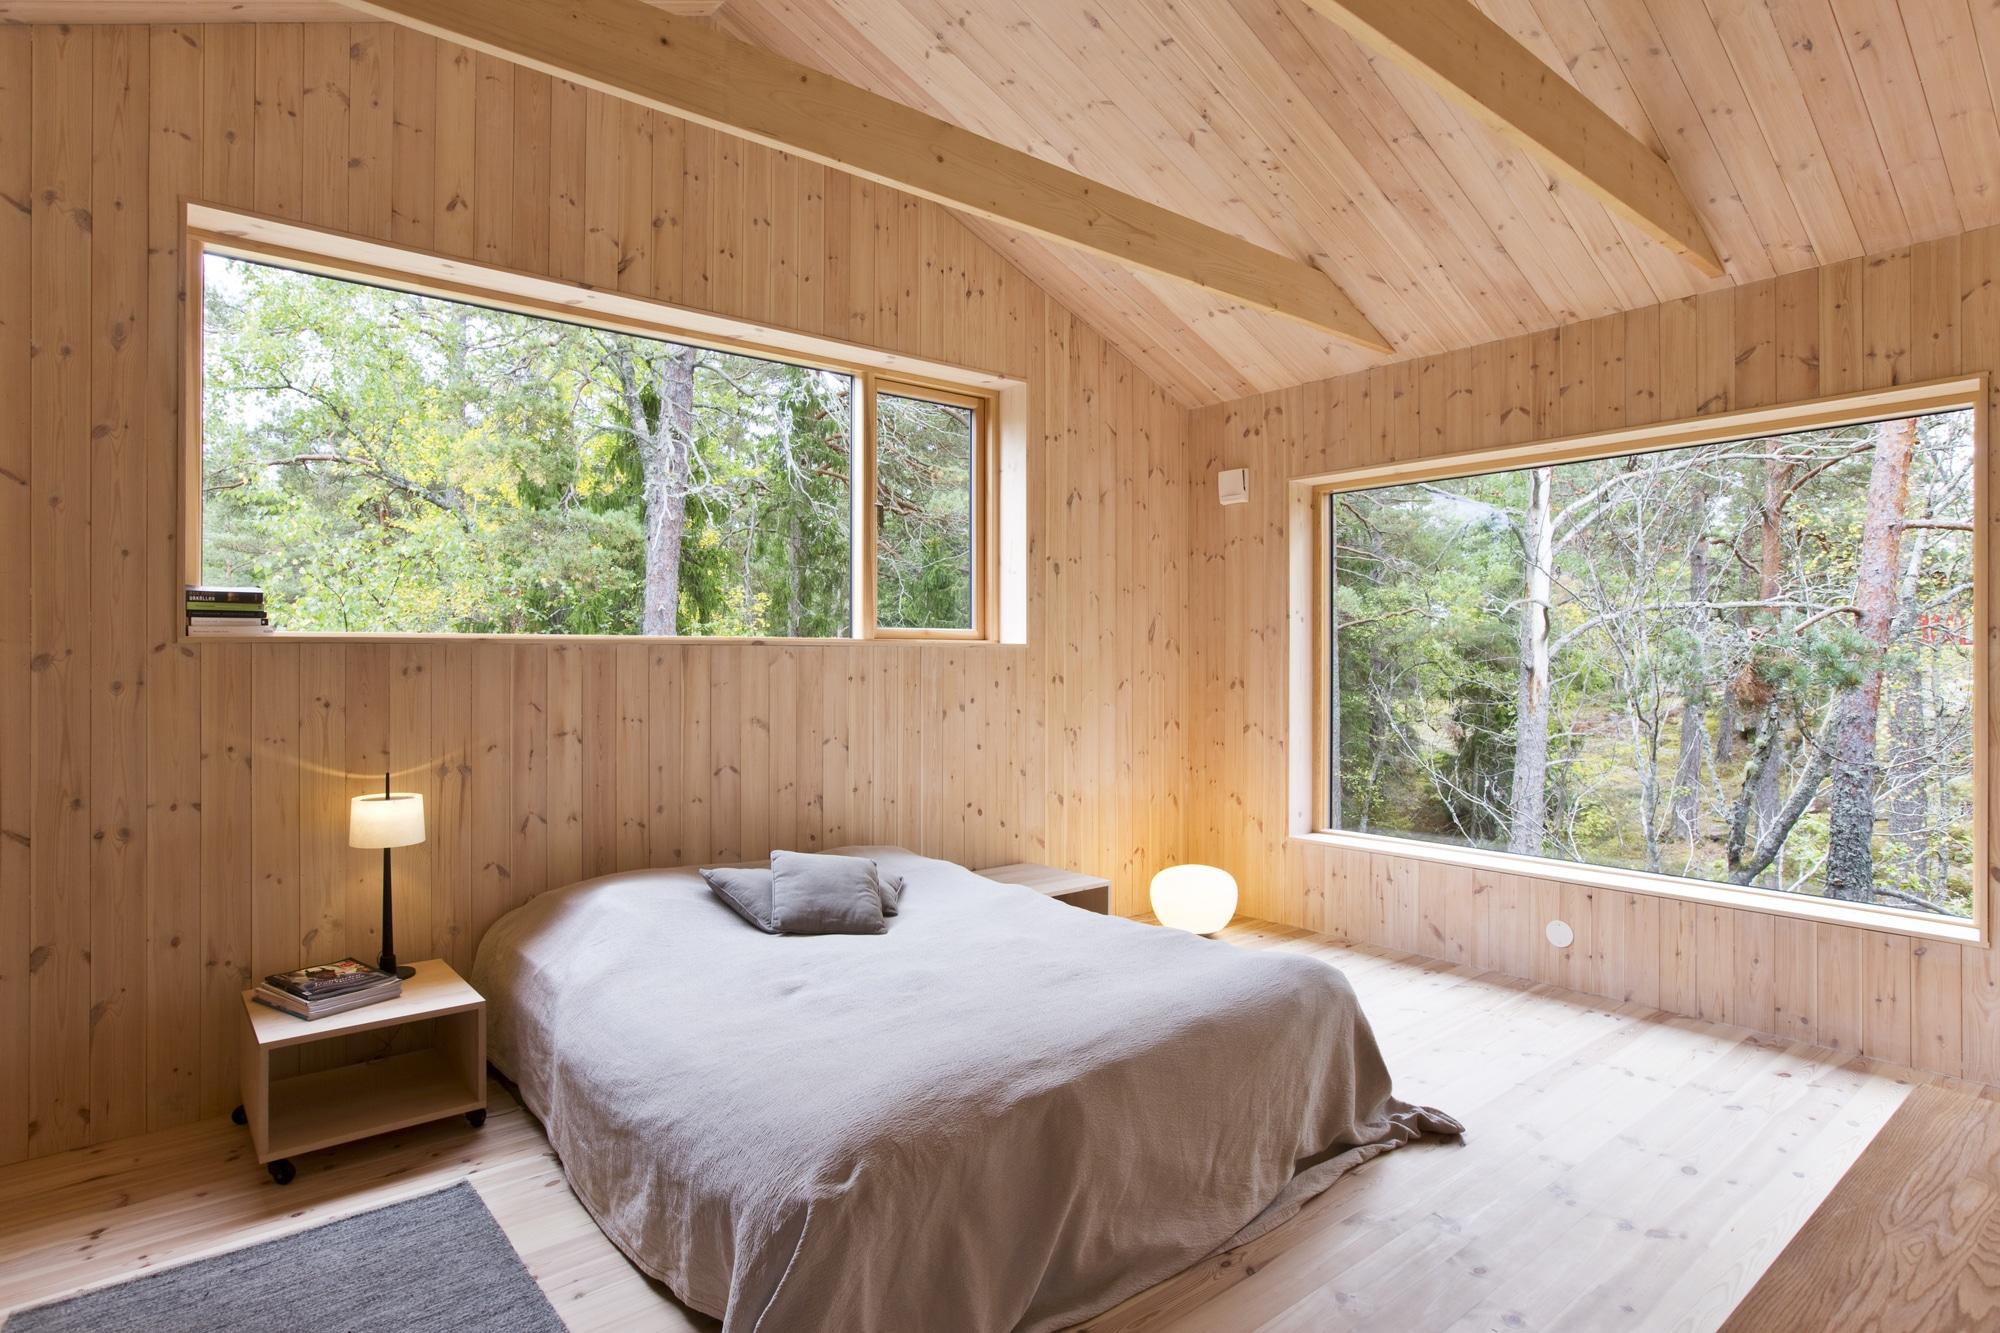 Dise o de casa peque a de madera fachada planos - Dormitorio de madera ...